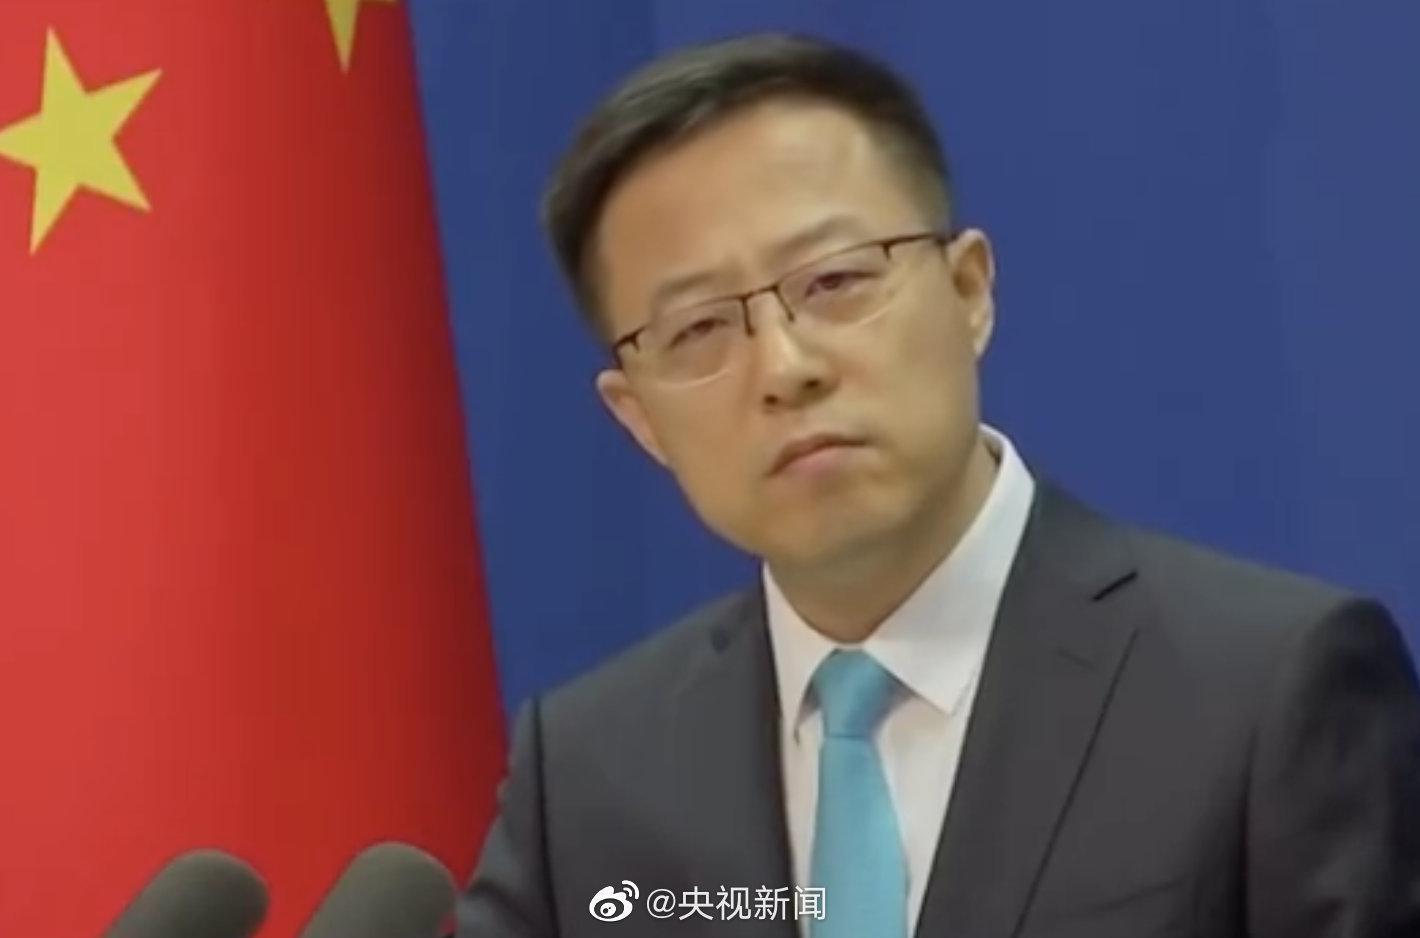 赢咖3娱乐app:为中国安全部门是吃素的图片